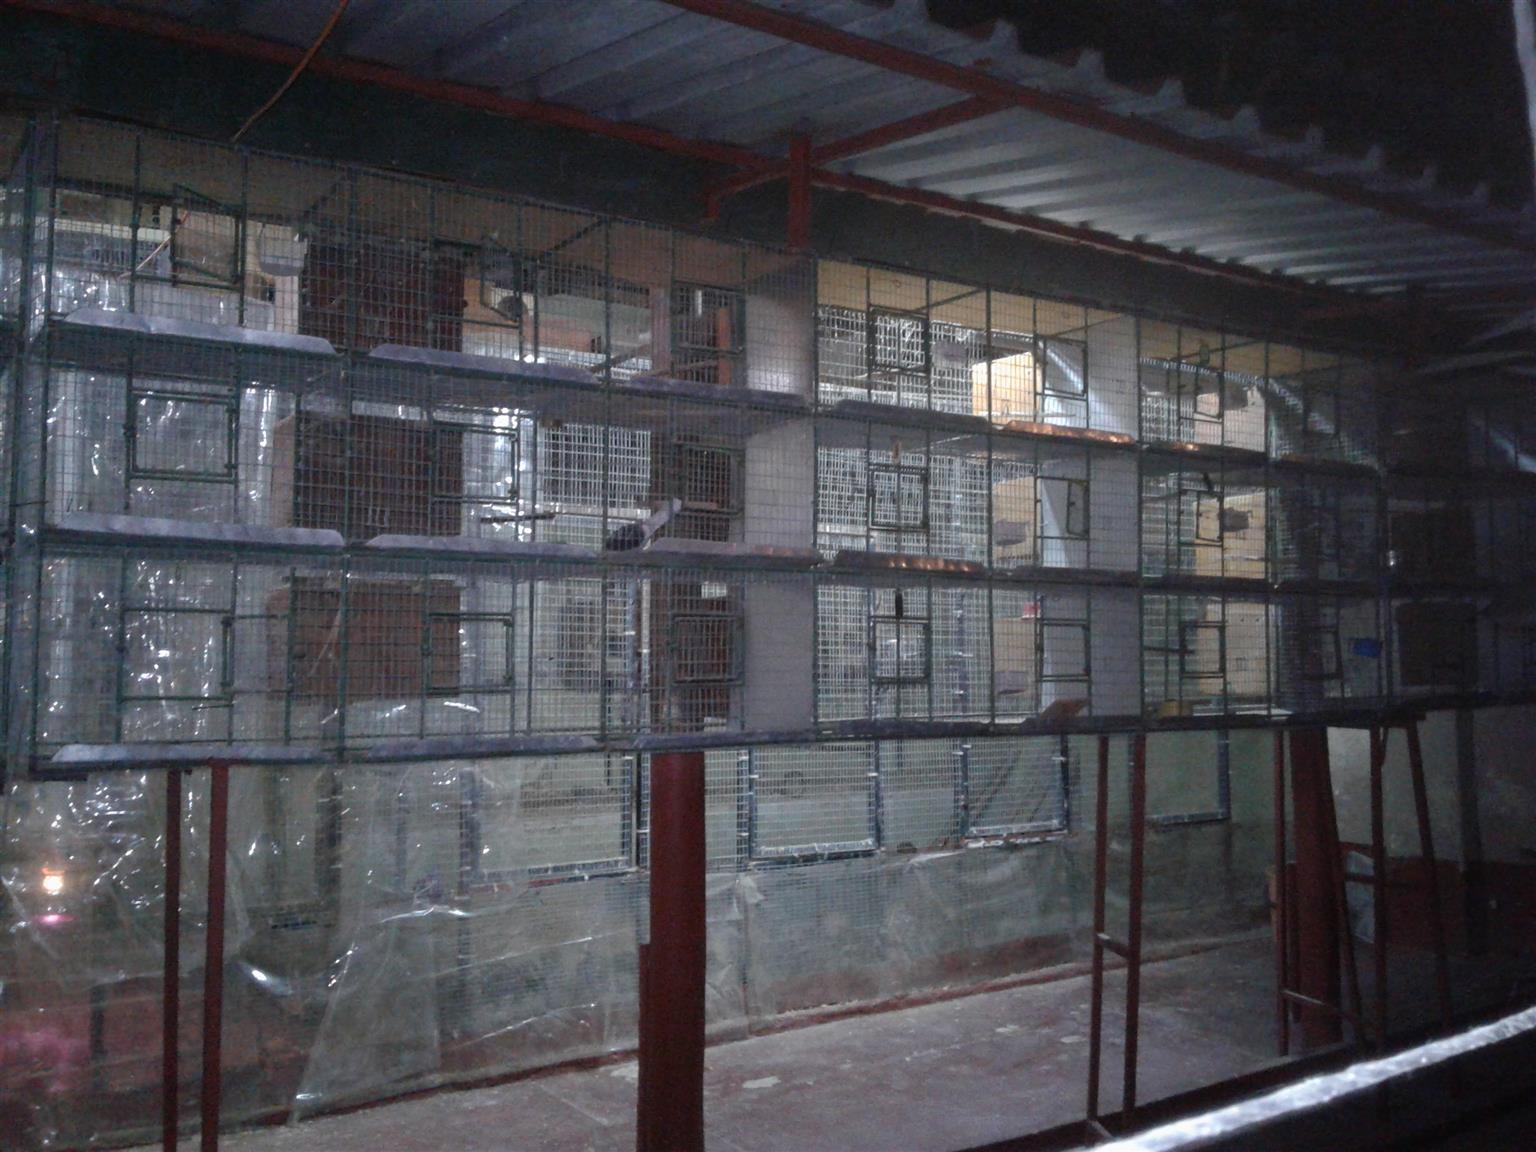 flight/breeding cages